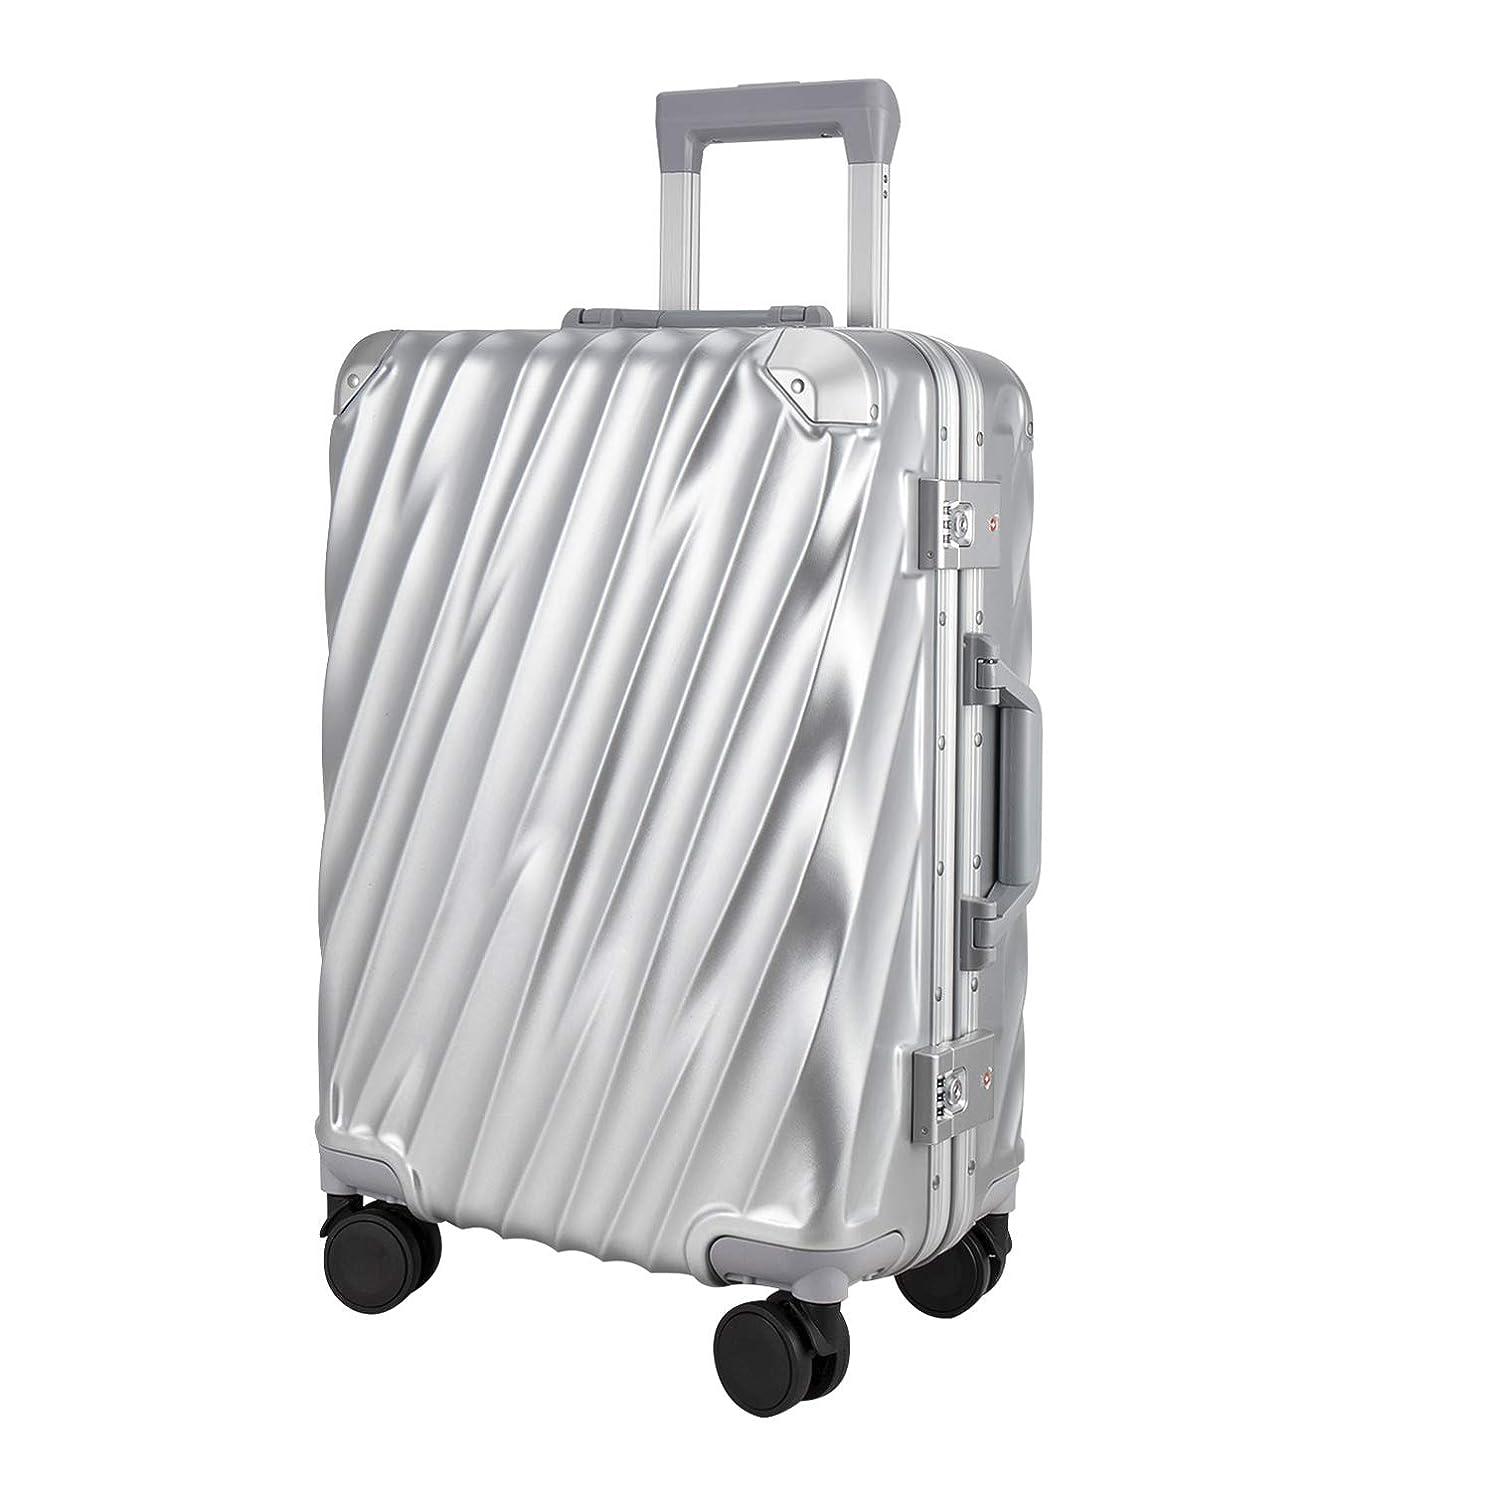 スーツケース キャリーケース タイヤ静音設計 出張TSAロック付き軽量 PC+ABS 旅行用 シルバー&ブルー 機内持ち込み&4~6日宿泊用 SサイズとMサイズ選択可能